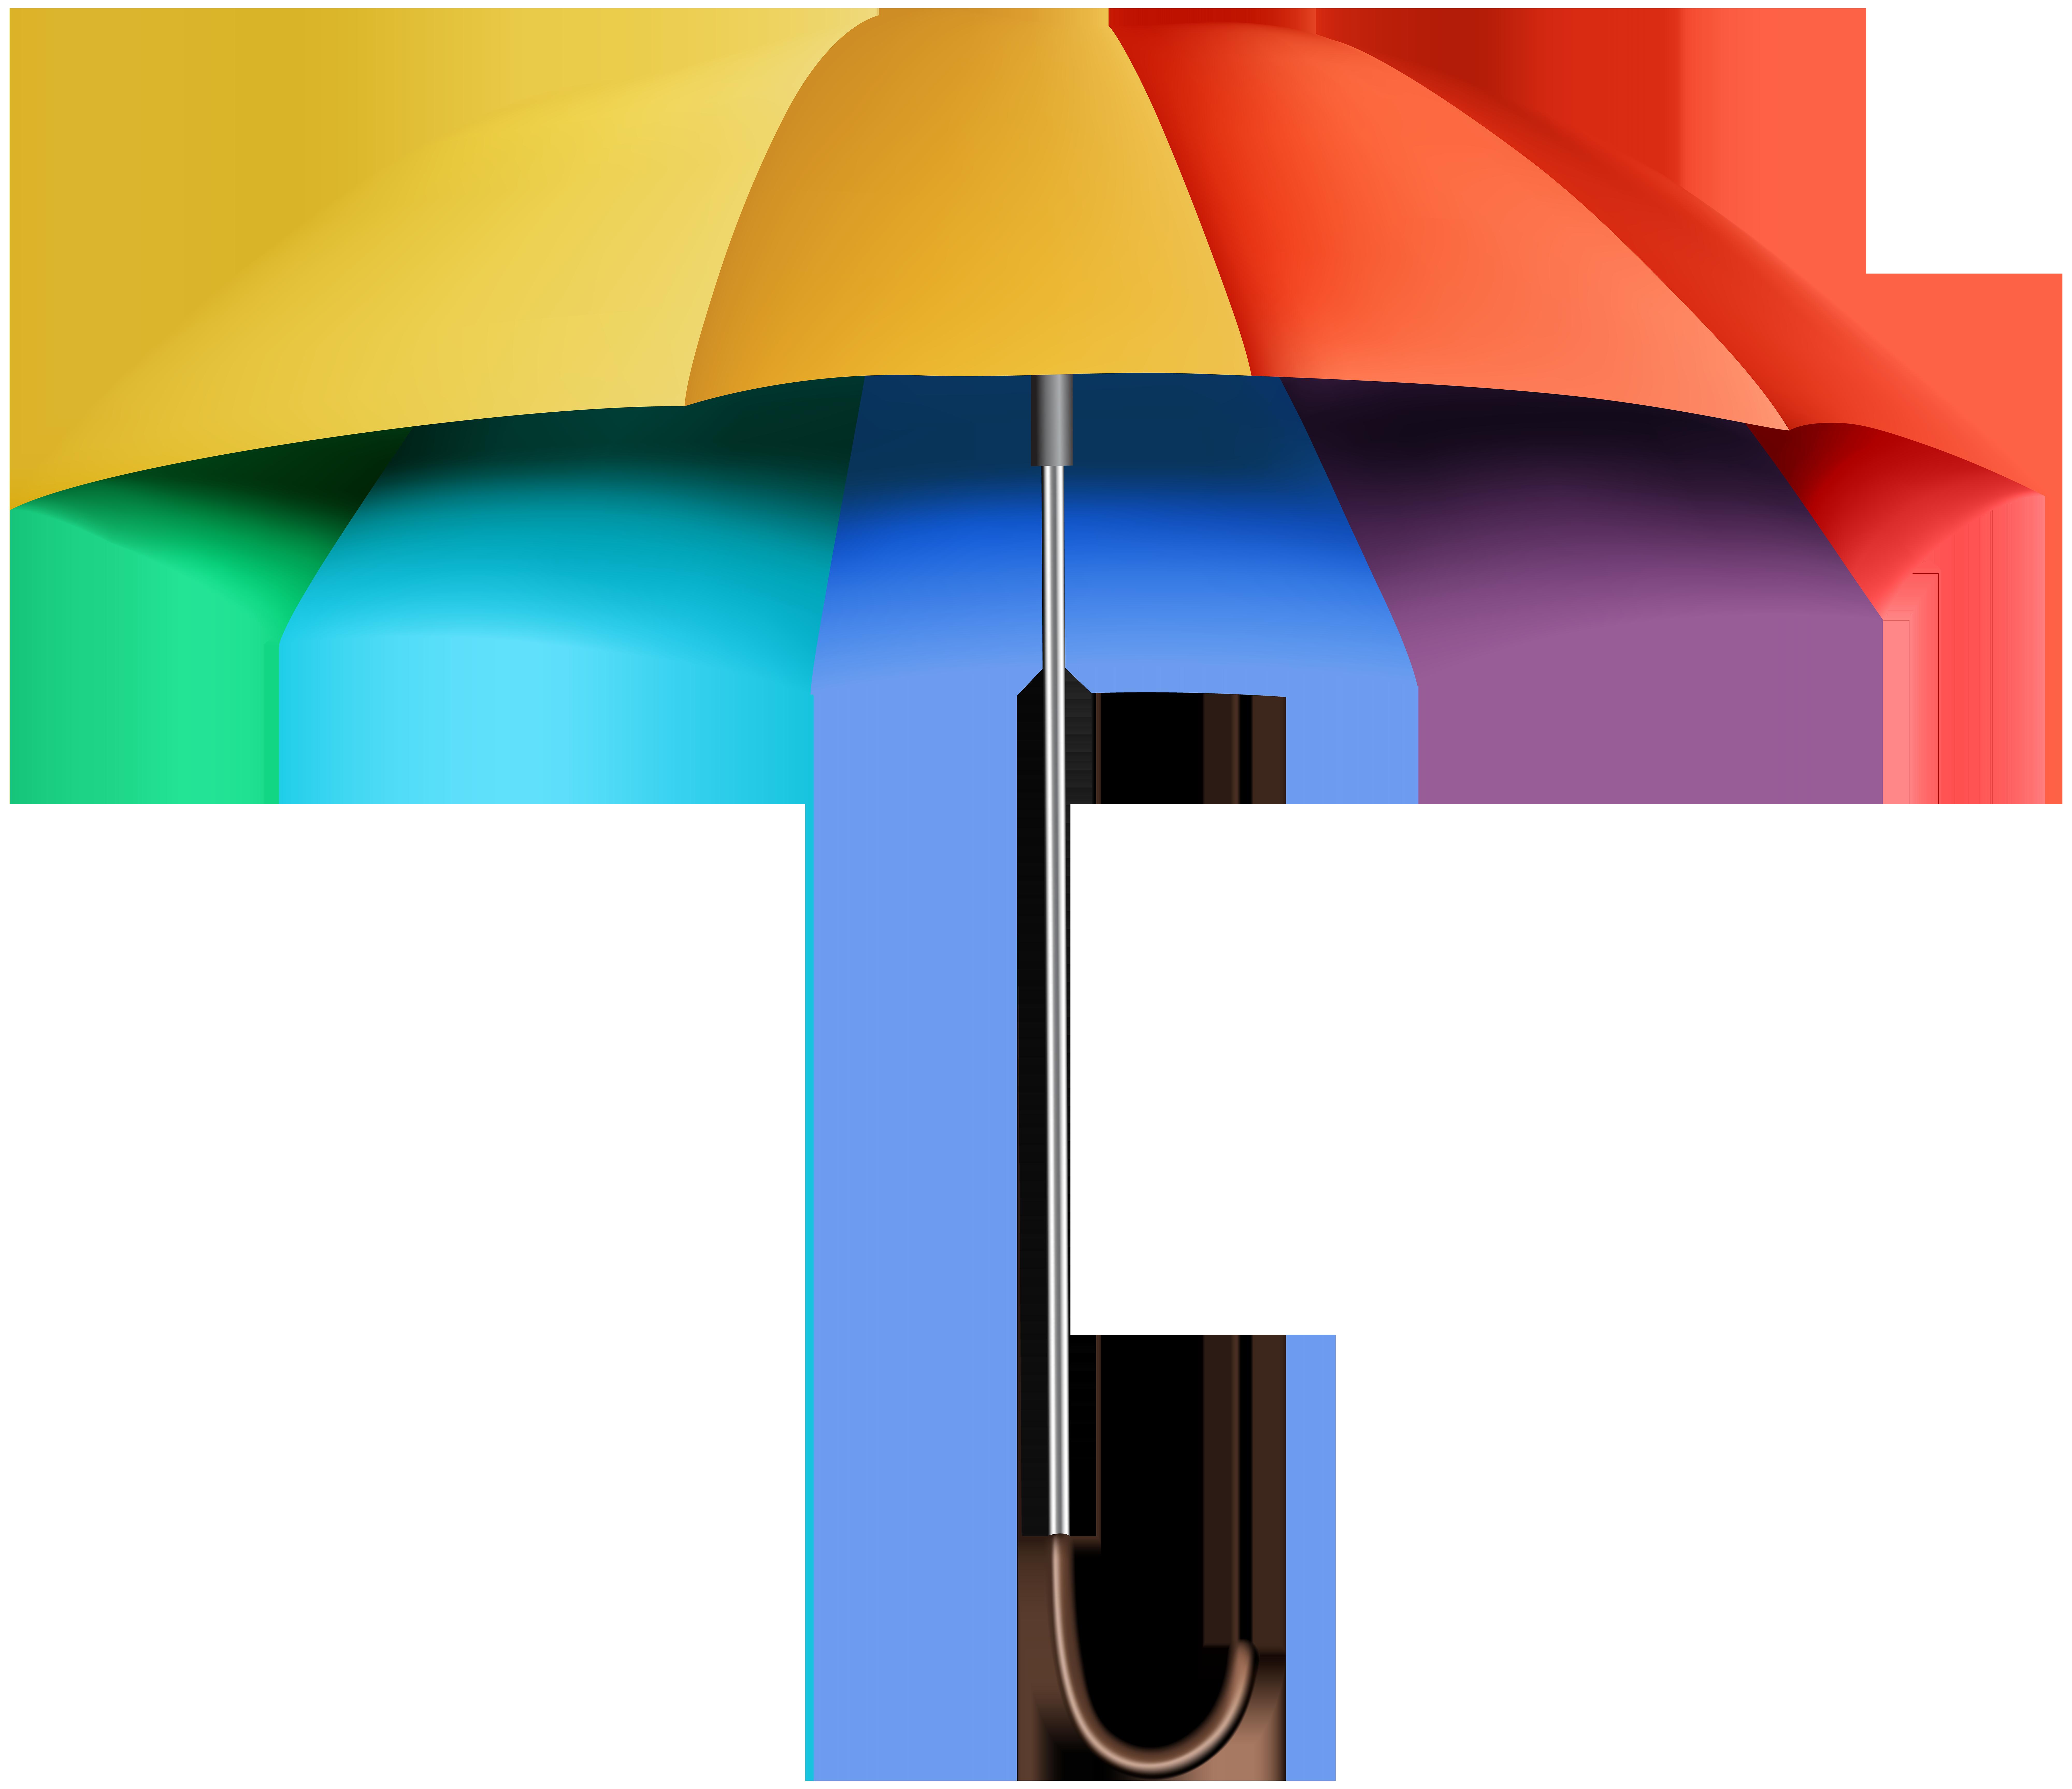 Rainbow transparent clip art. Watermelon clipart umbrella